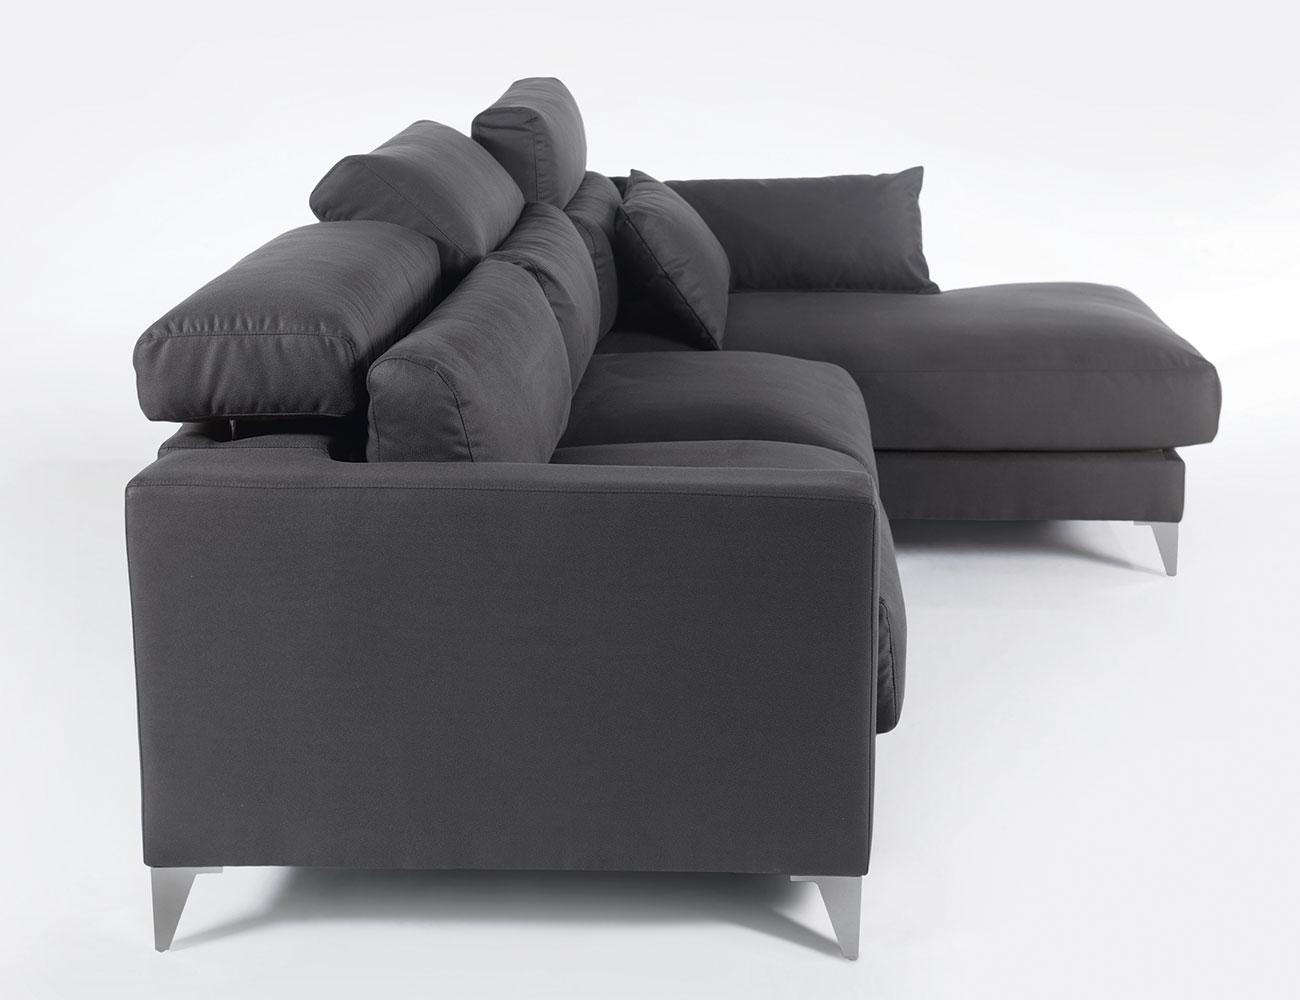 Sofa chaiselongue gran lujo decorativo grafito 111